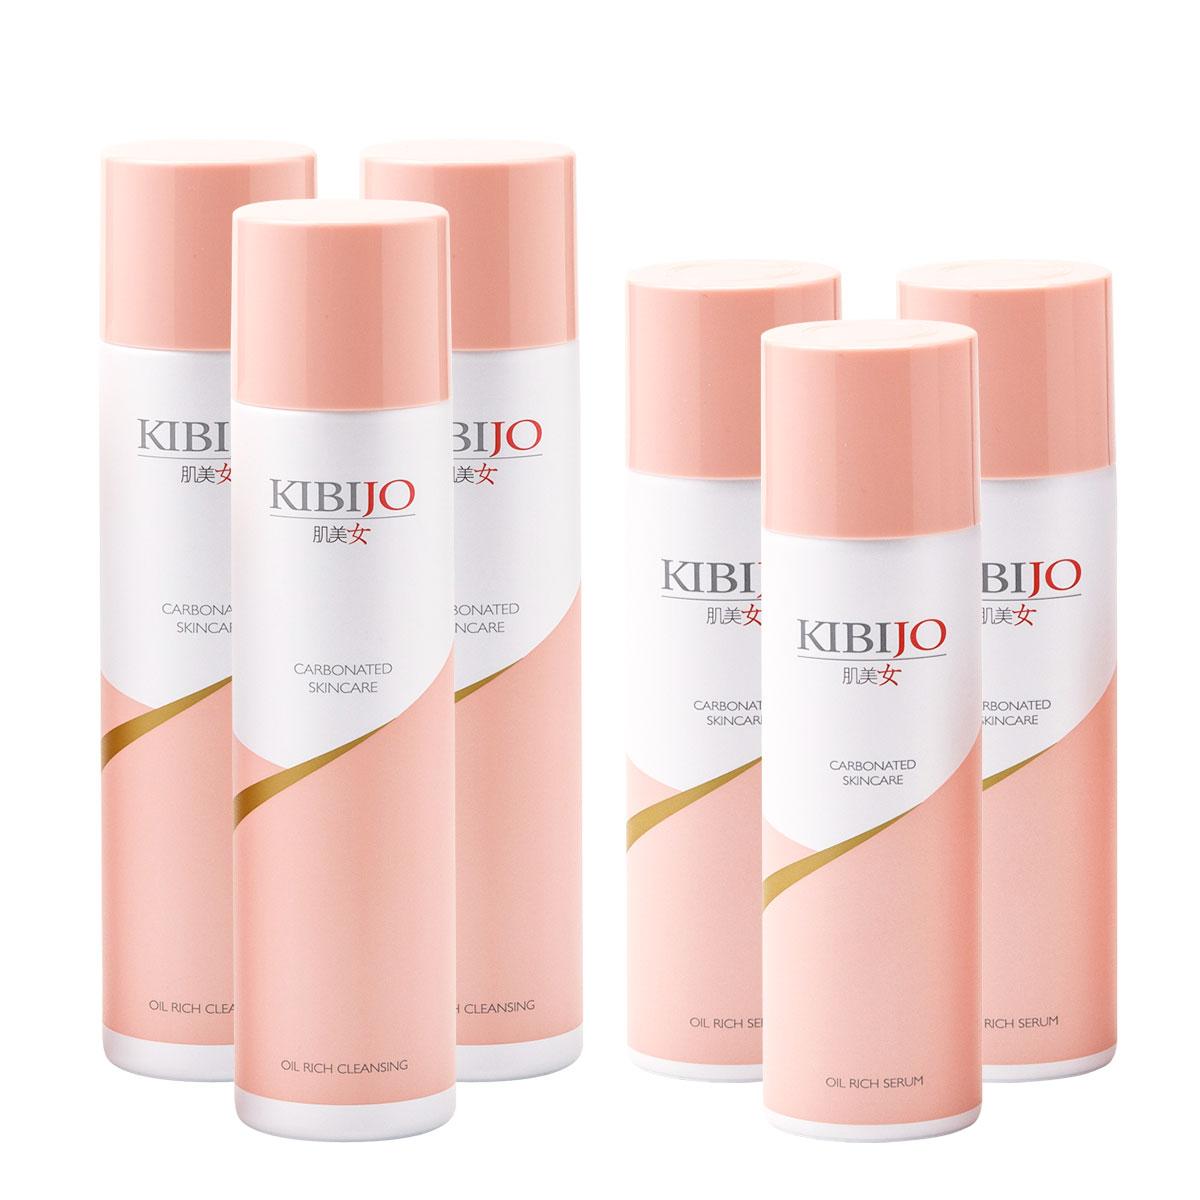 品質検査済 肌美女 美容液 新商品 炭酸クレンジングフォーム まとめ買い3本セット 保湿